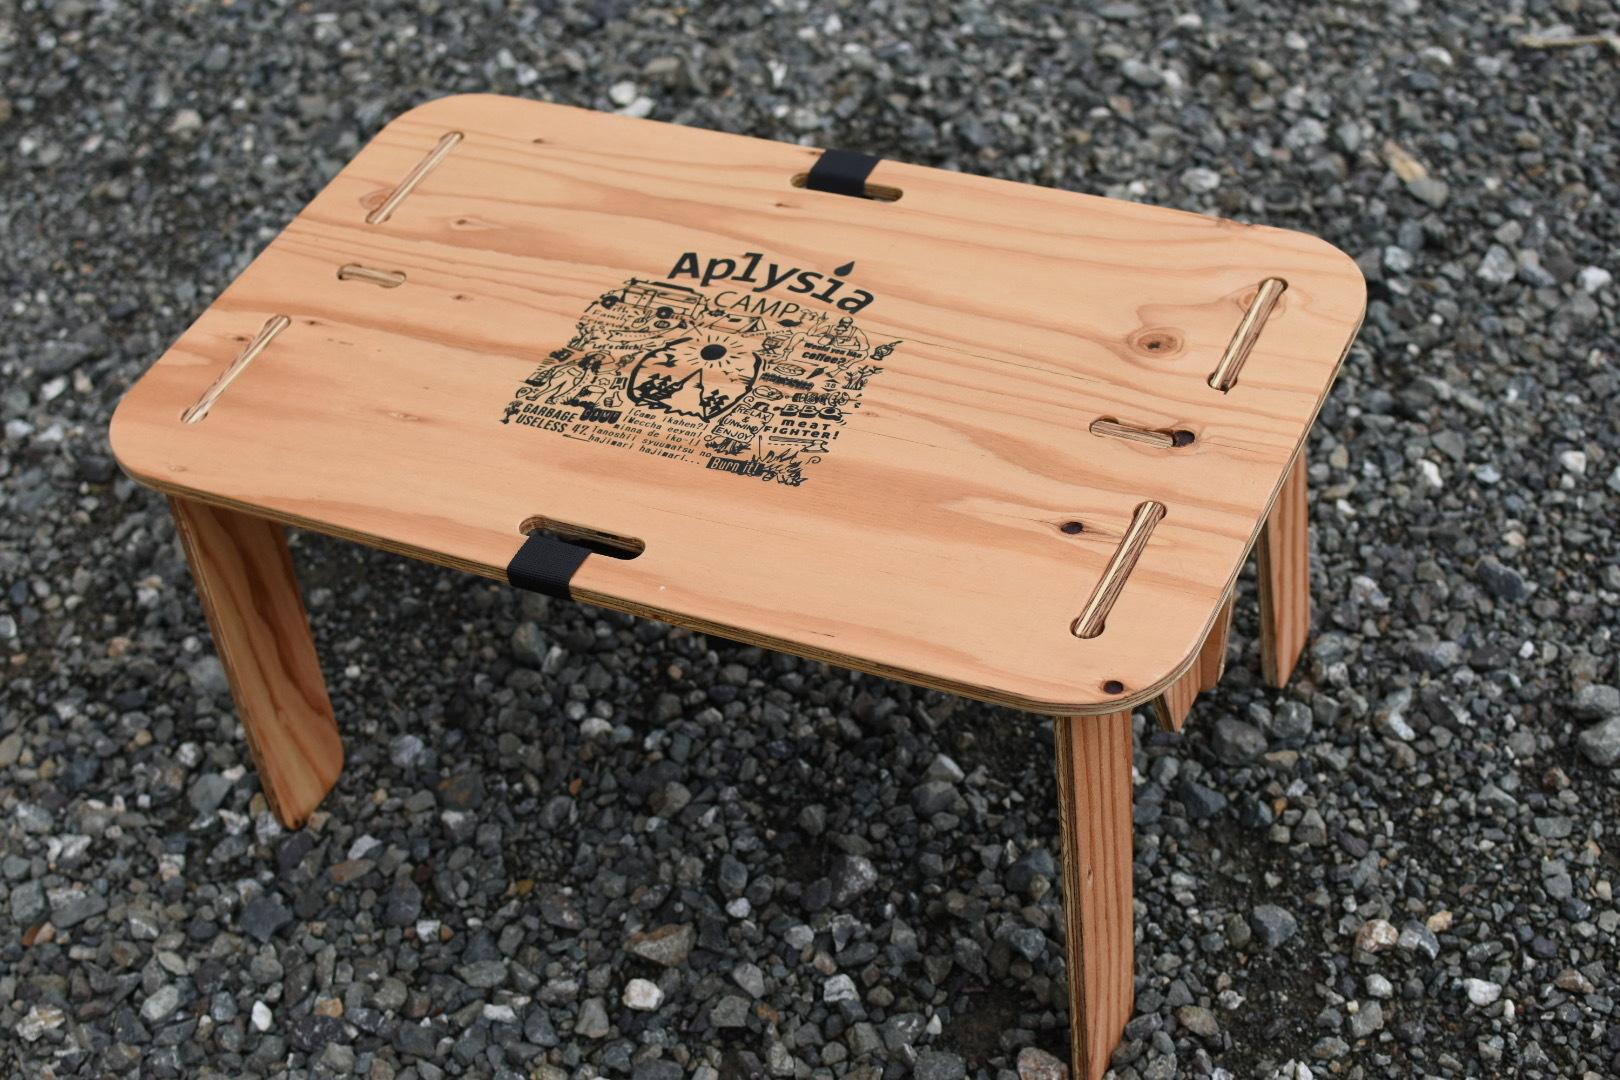 【AplysiaCAMP】折りたたみローテーブル plywood